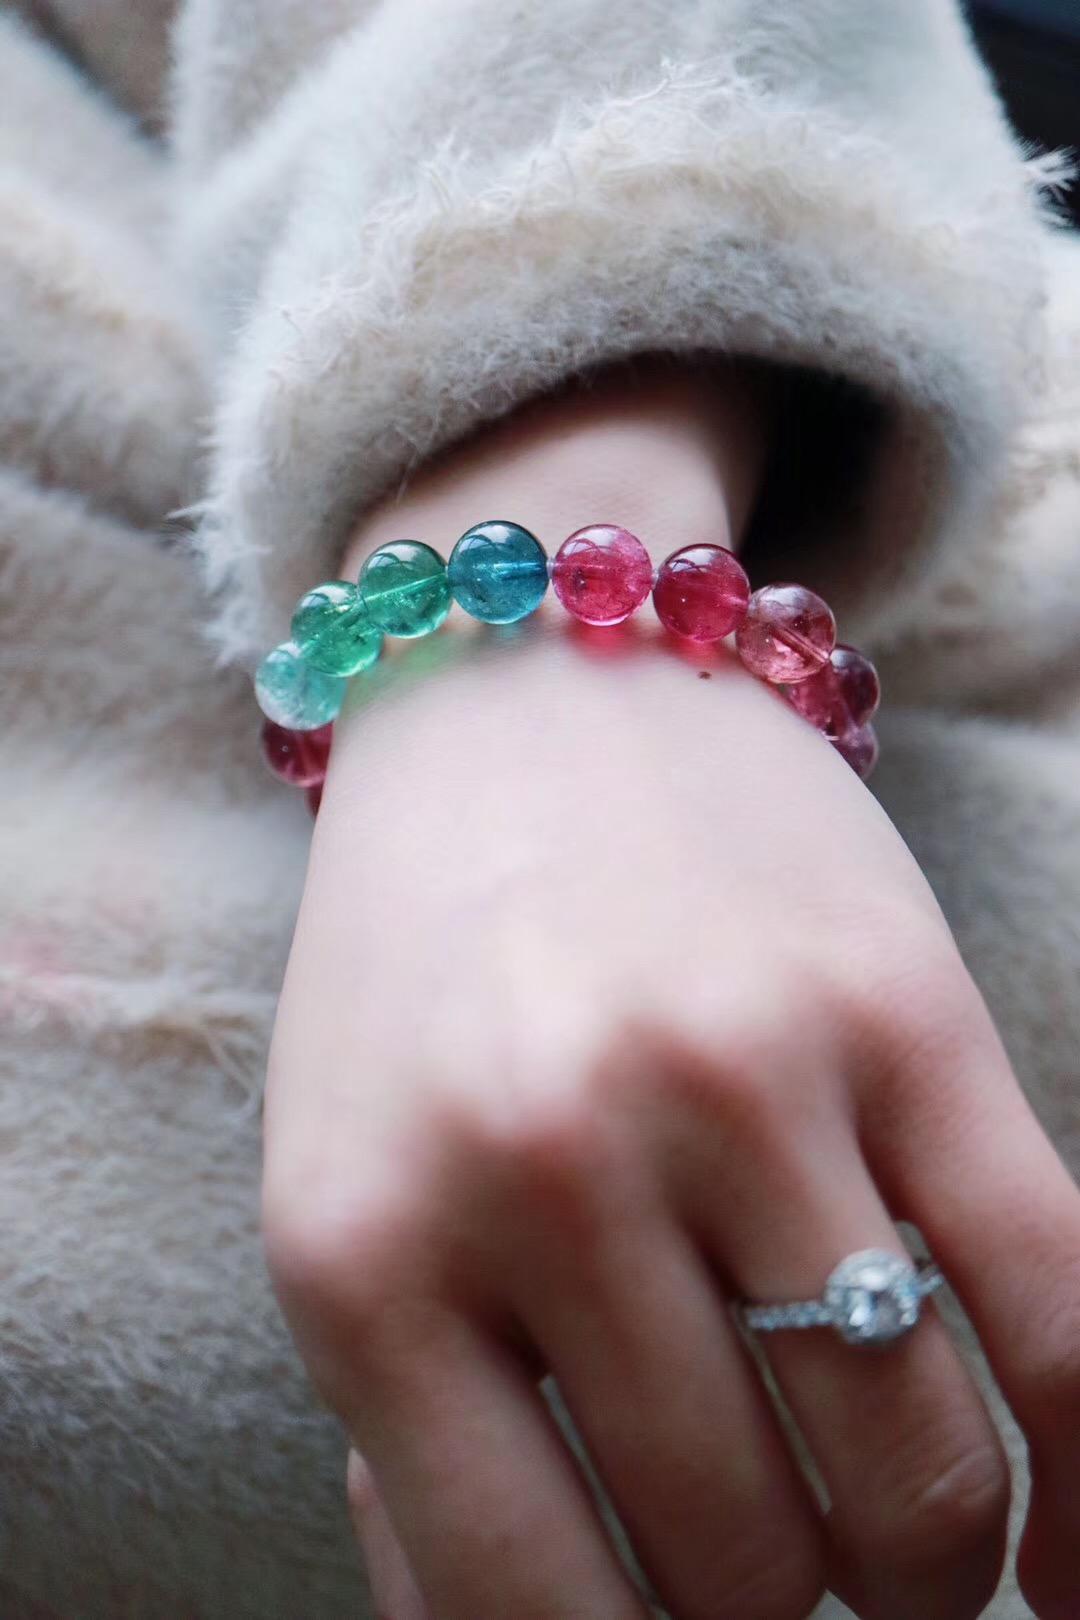 【菩心   碧玺】收藏级的彩色碧玺:蓝色,绿色,红色,西瓜色,猫眼碧玺-菩心晶舍